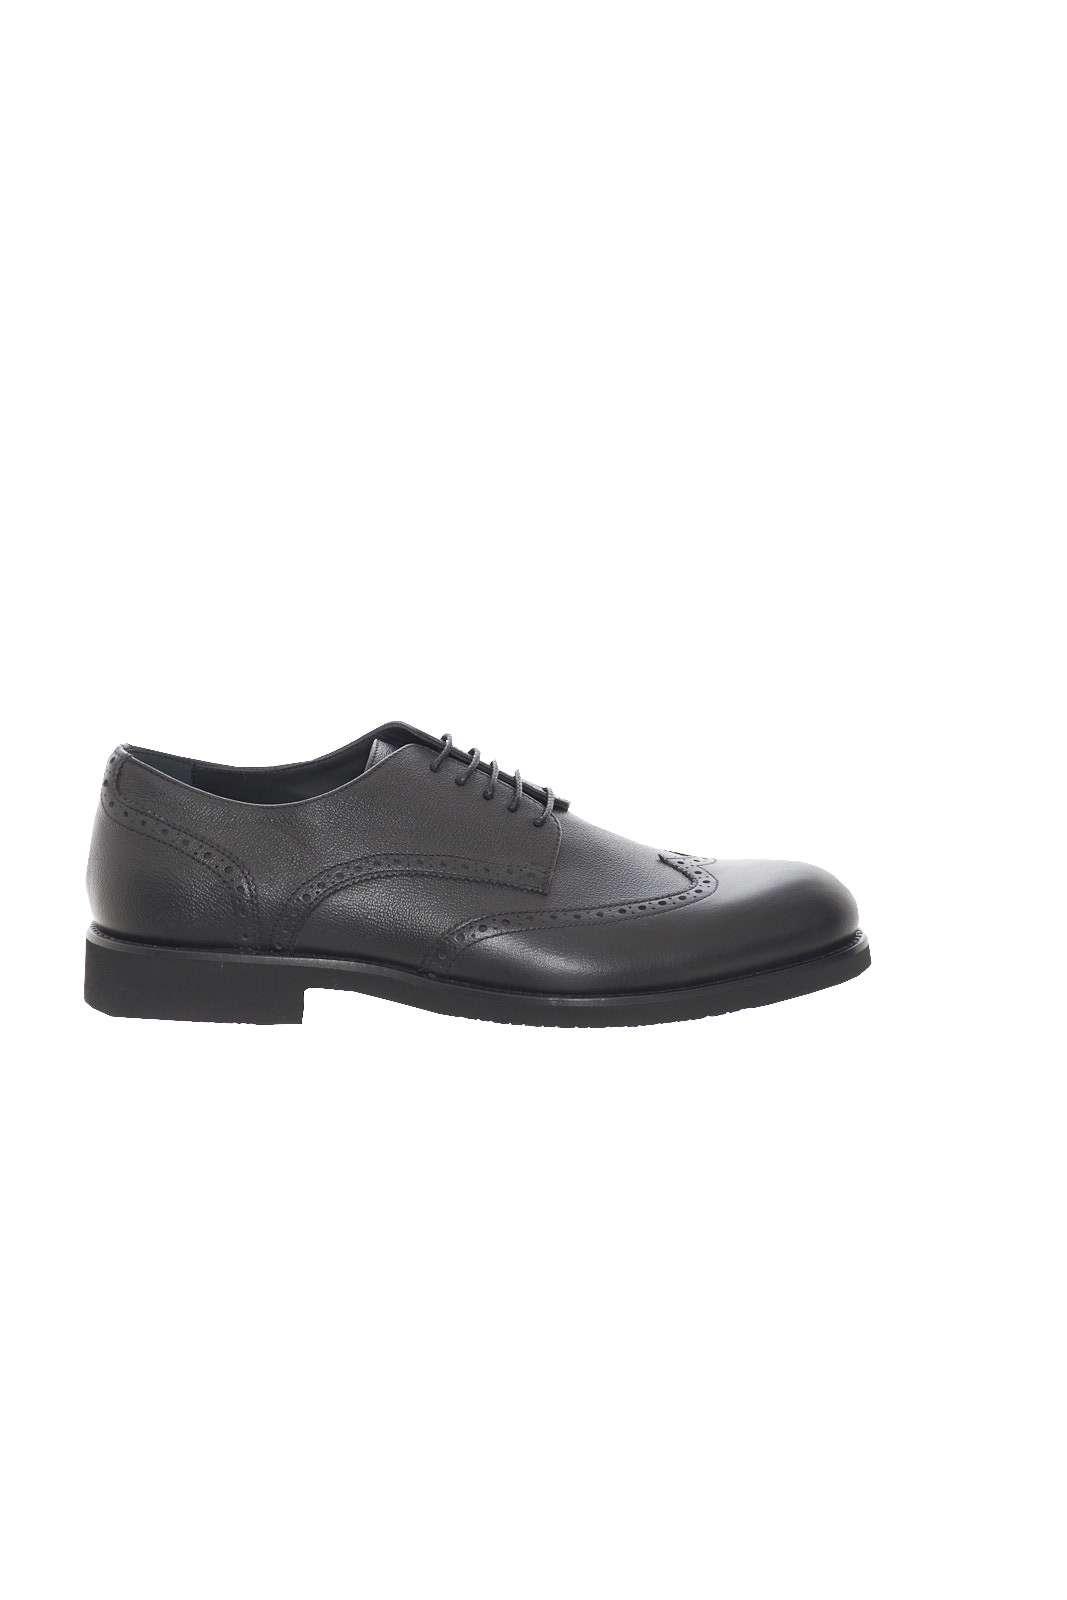 Elegante e stilosa, la scarpa uomo firmata Alberto Gurdiani. Da indossare nelle occasioni più formali per avere un look chic. Abbinato ad un pantalone è un must have.